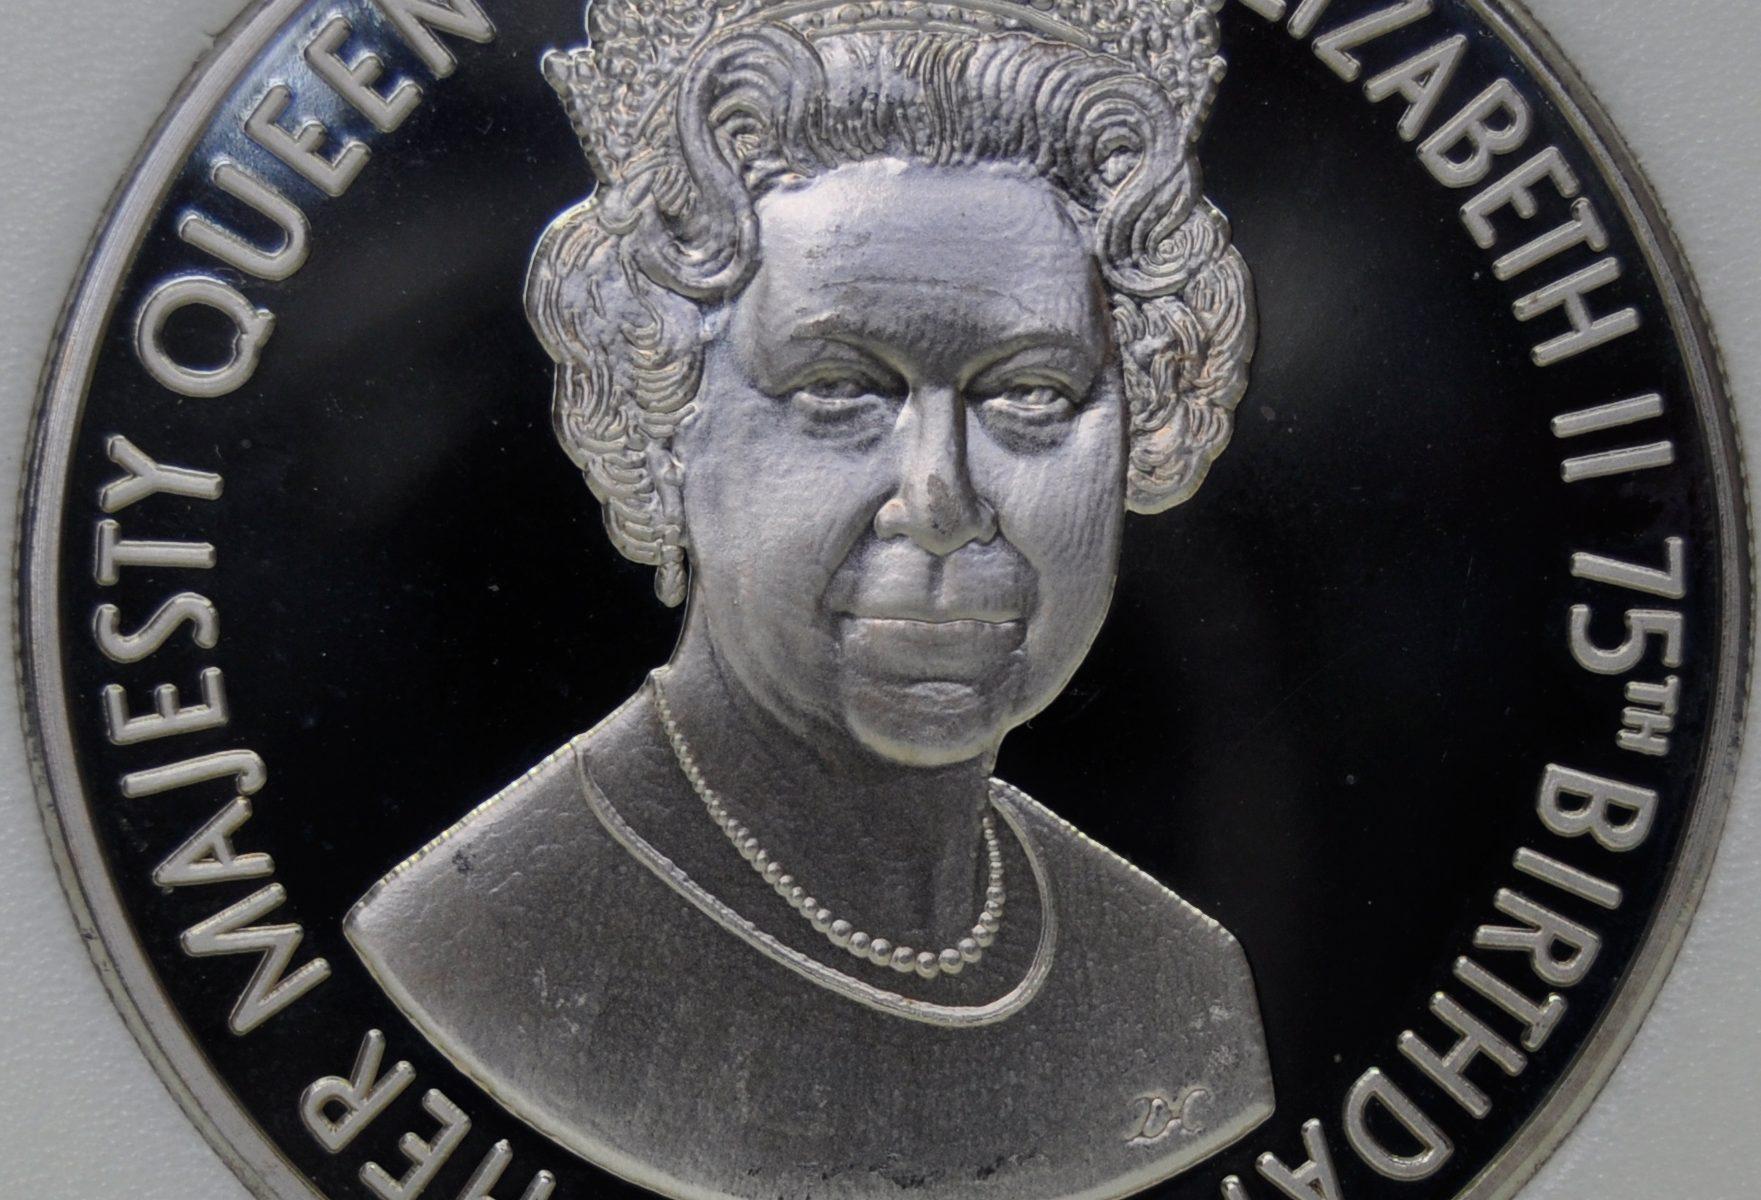 2001 Tristan Da Cunha 50 PENCE 2001 KM#12 Proof Queen Elizabeth's 75th coin